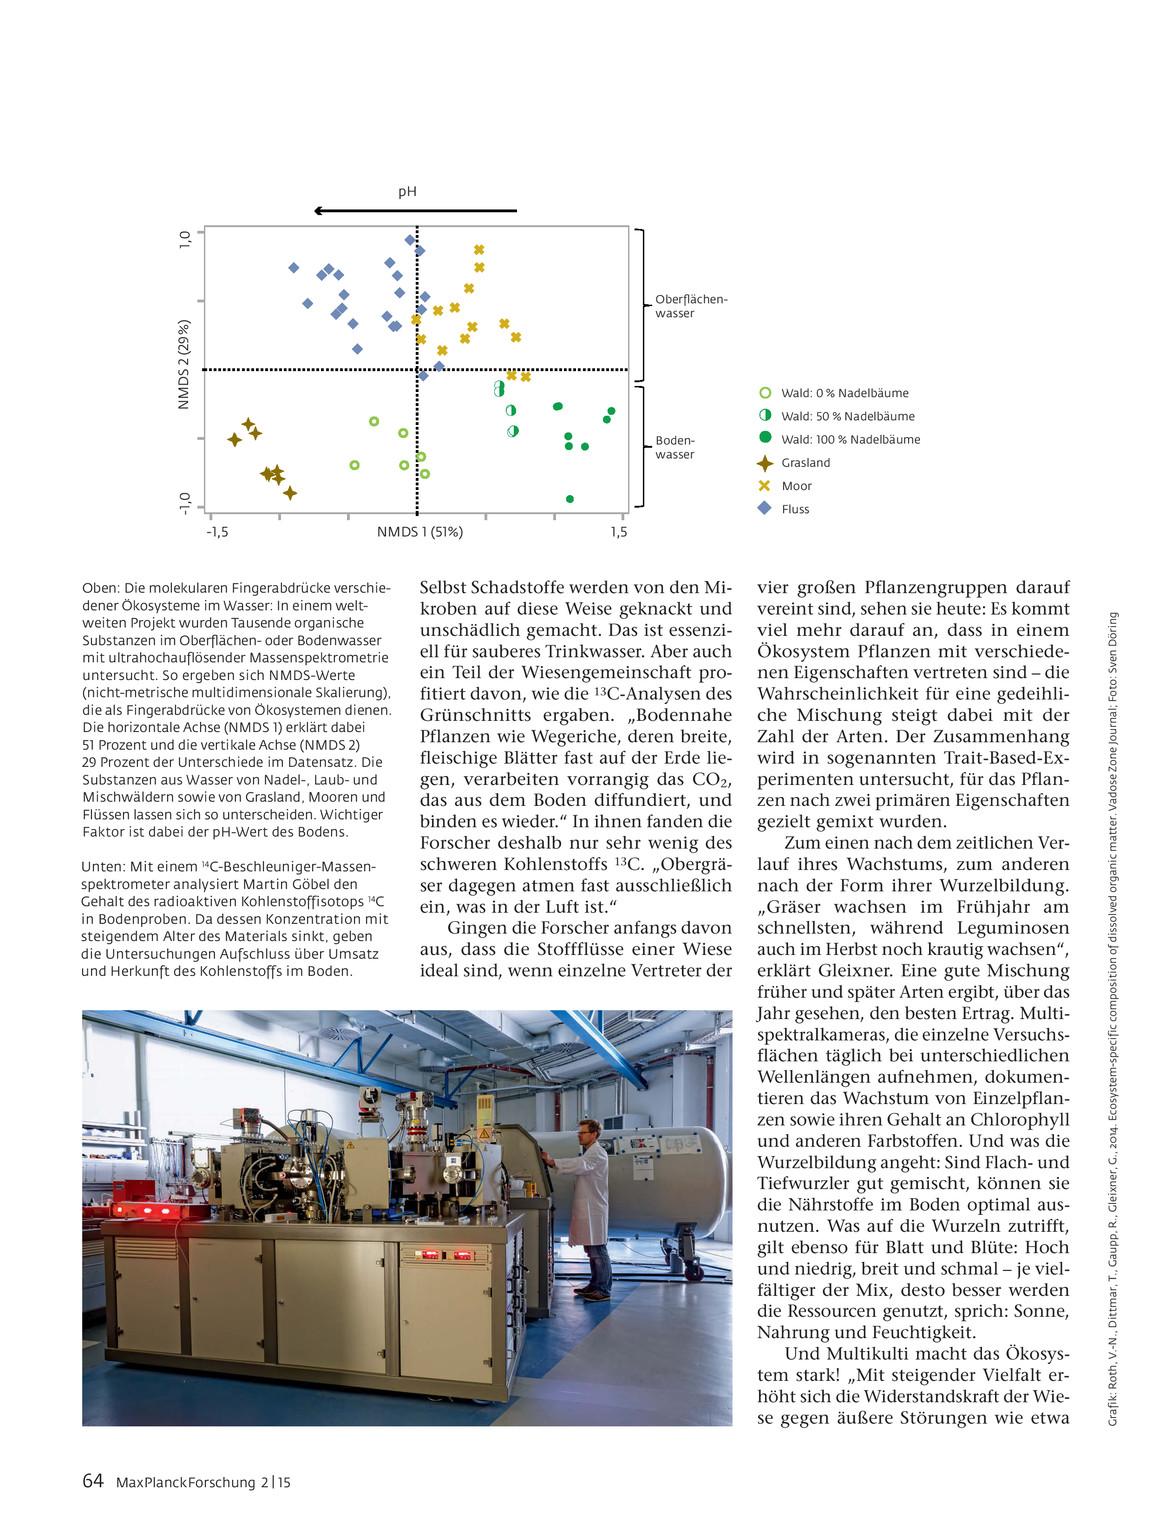 MPF 2/2015 | Max Planck Forschung